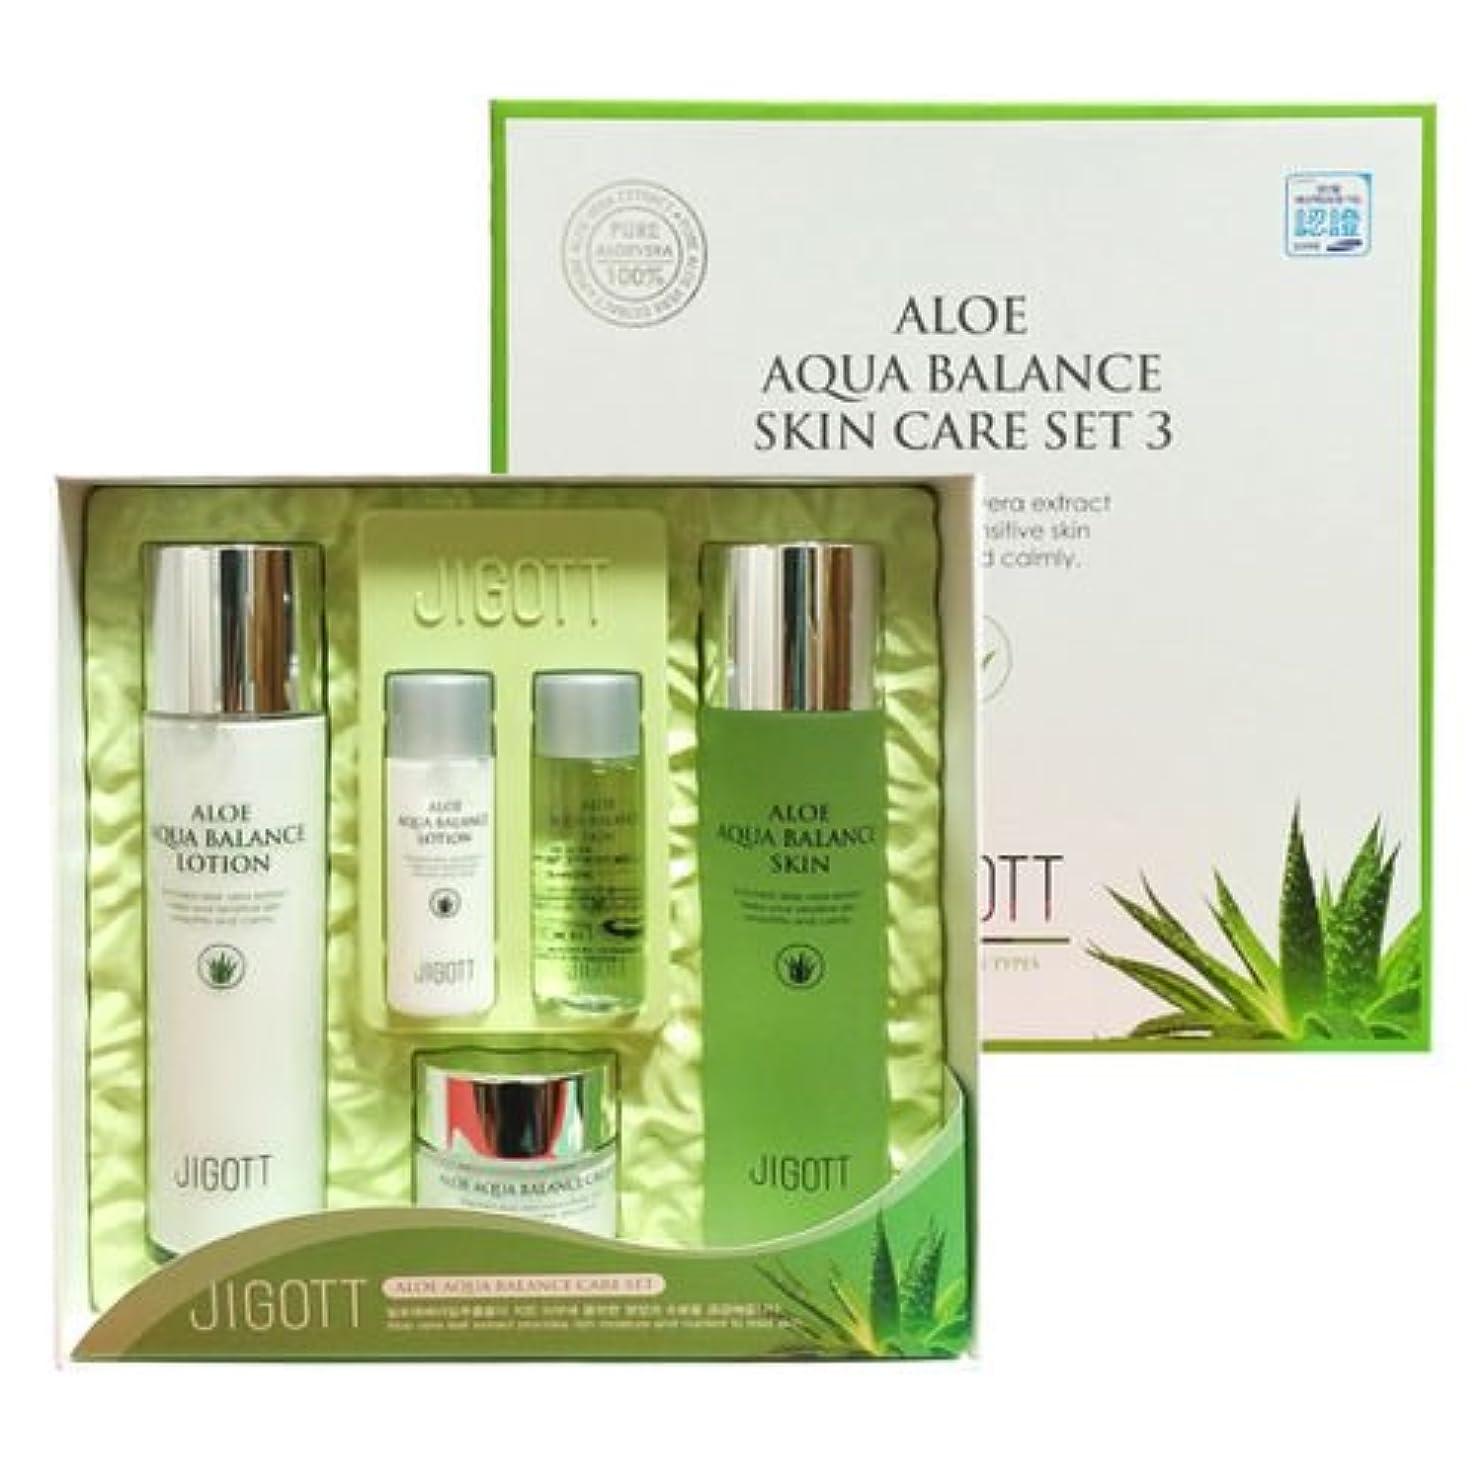 雰囲気練習努力するジゴトゥ[韓国コスメJigott]Aloe Aqua Balance Skin Care 3 Set アロエアクアバランススキンケア3セット樹液,乳液,クリーム [並行輸入品]